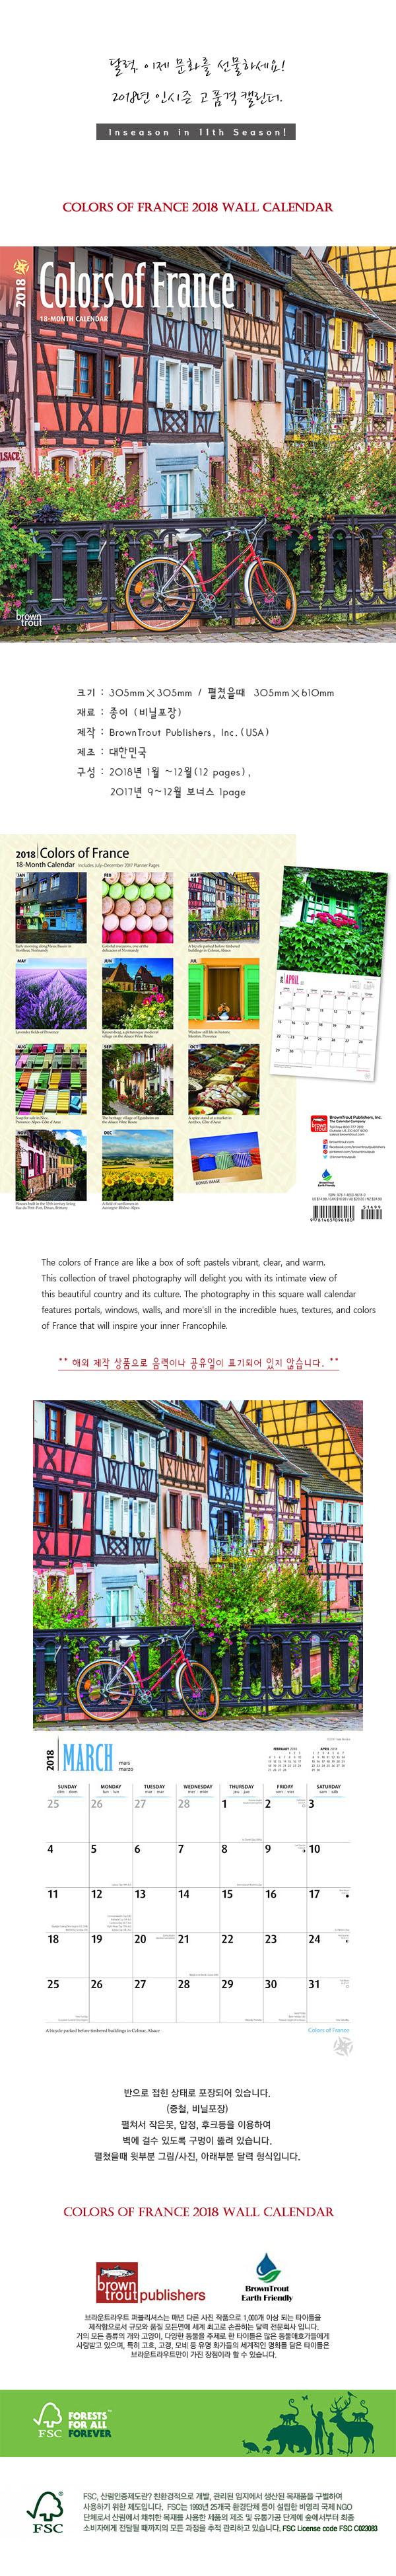 2018 캘린더 프랑스의 색 Colors of France16,000원-브라운트라우트디자인문구, 다이어리/캘린더, 캘린더, 벽걸이캘린더바보사랑2018 캘린더 프랑스의 색 Colors of France16,000원-브라운트라우트디자인문구, 다이어리/캘린더, 캘린더, 벽걸이캘린더바보사랑